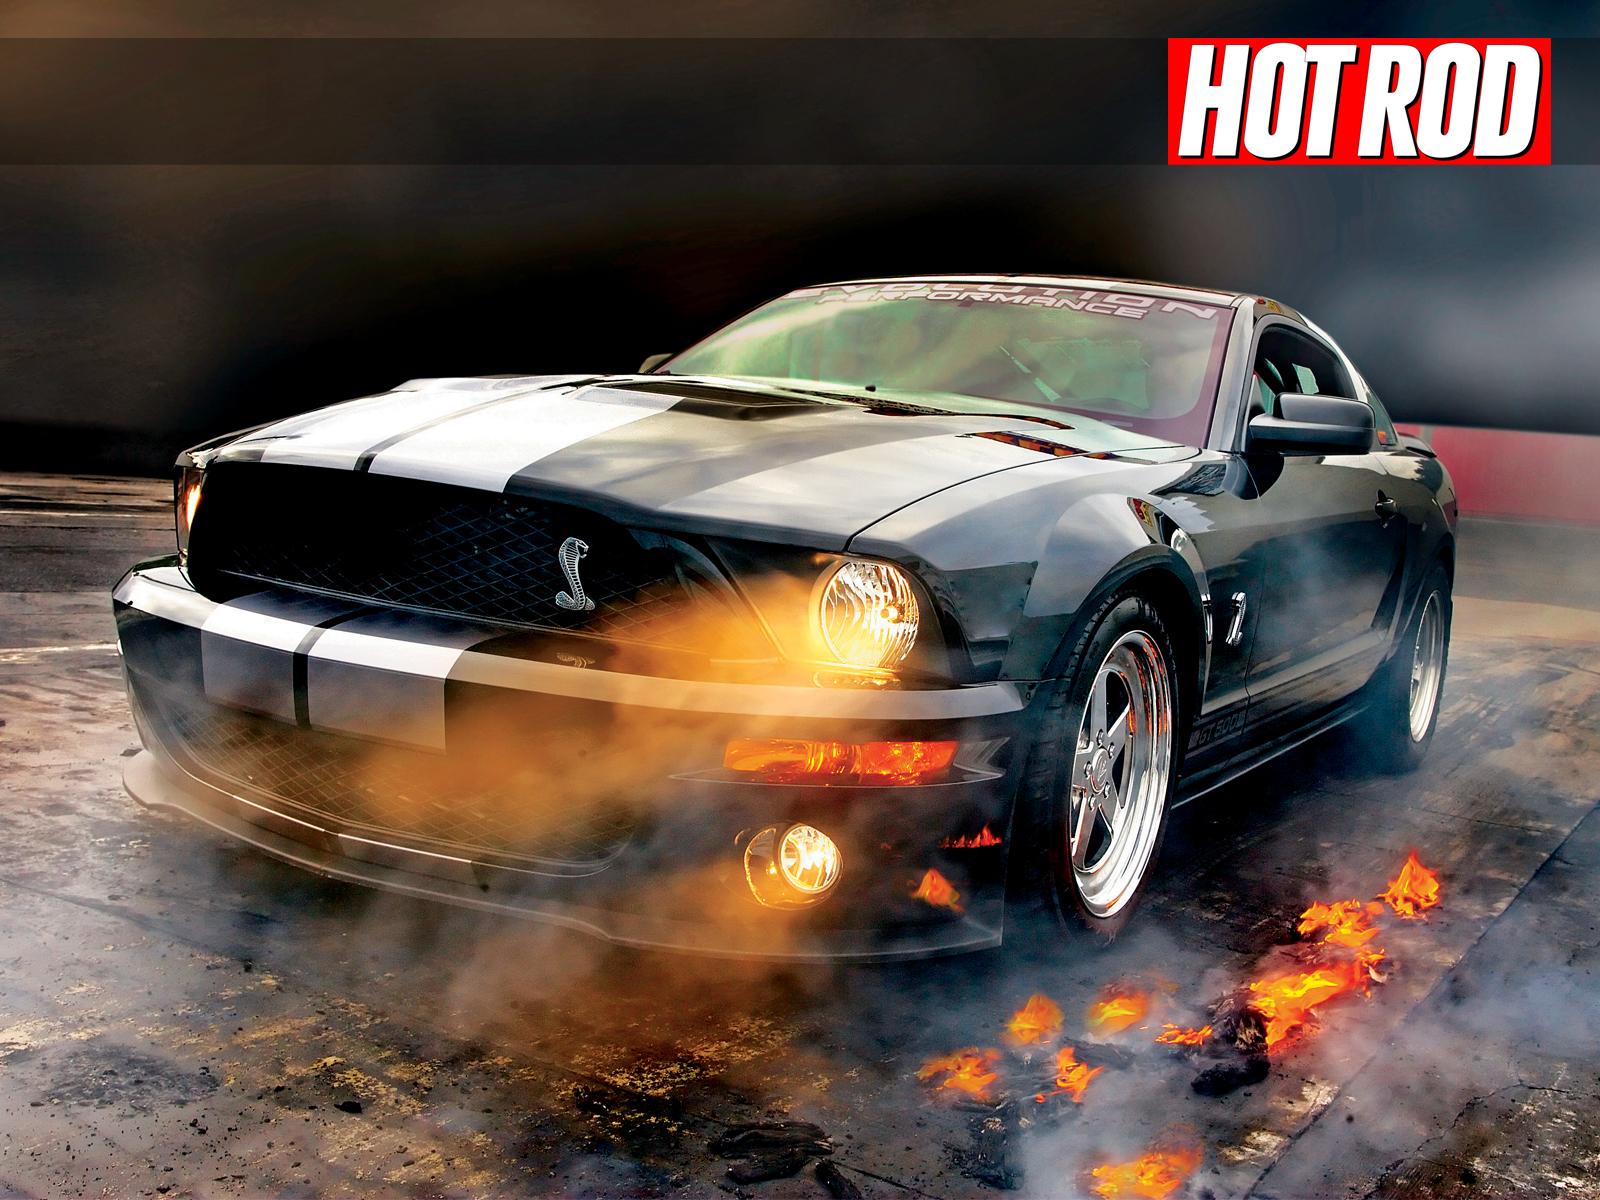 http://2.bp.blogspot.com/-ccy9LDATgEg/TxRjp-K27sI/AAAAAAAAAeg/KeWOIXx1mdg/s1600/super-cars-pictures+4.jpg